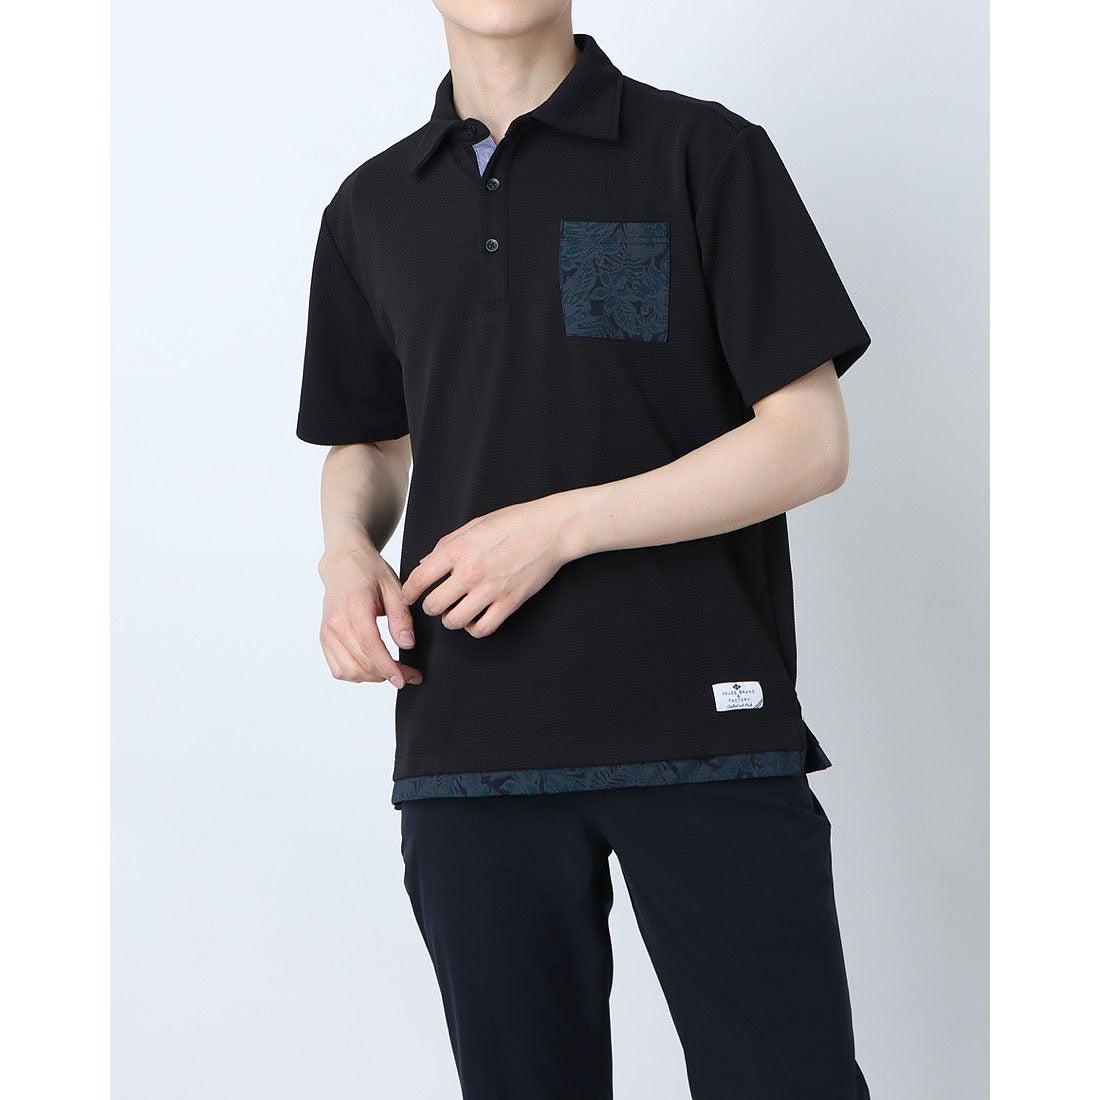 ロコンド 靴とファッションの通販サイトスタイルブロック STYLEBLOCK フクレジャガードフェイクレイヤードポロシャツ (ブラック)